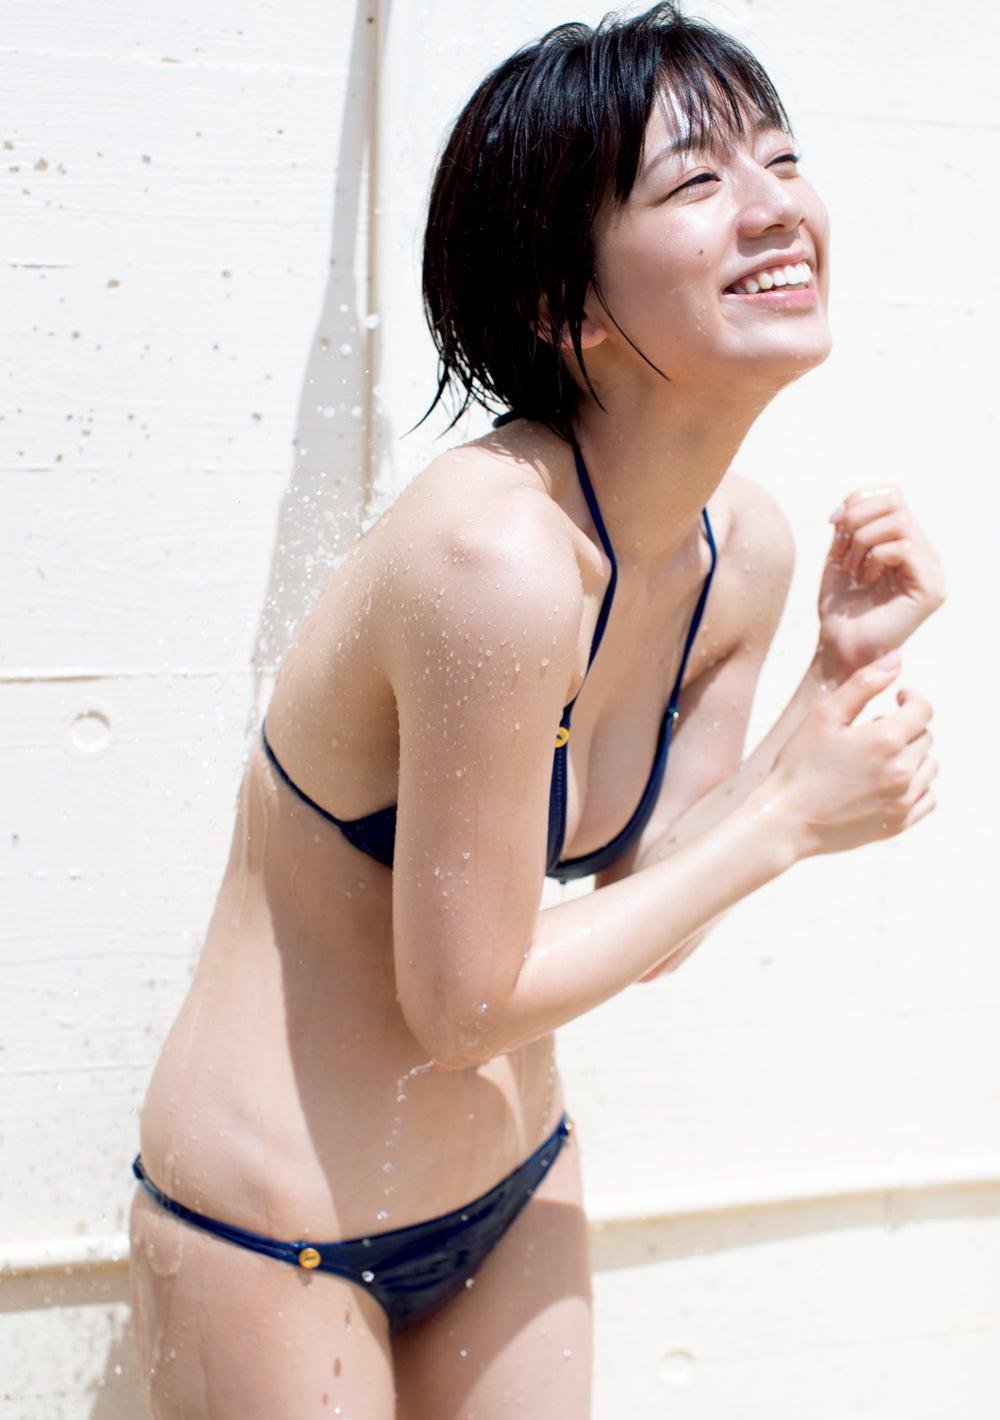 【グラビア】佐藤美希、研ぎ澄まされた極上くびれボディ披露